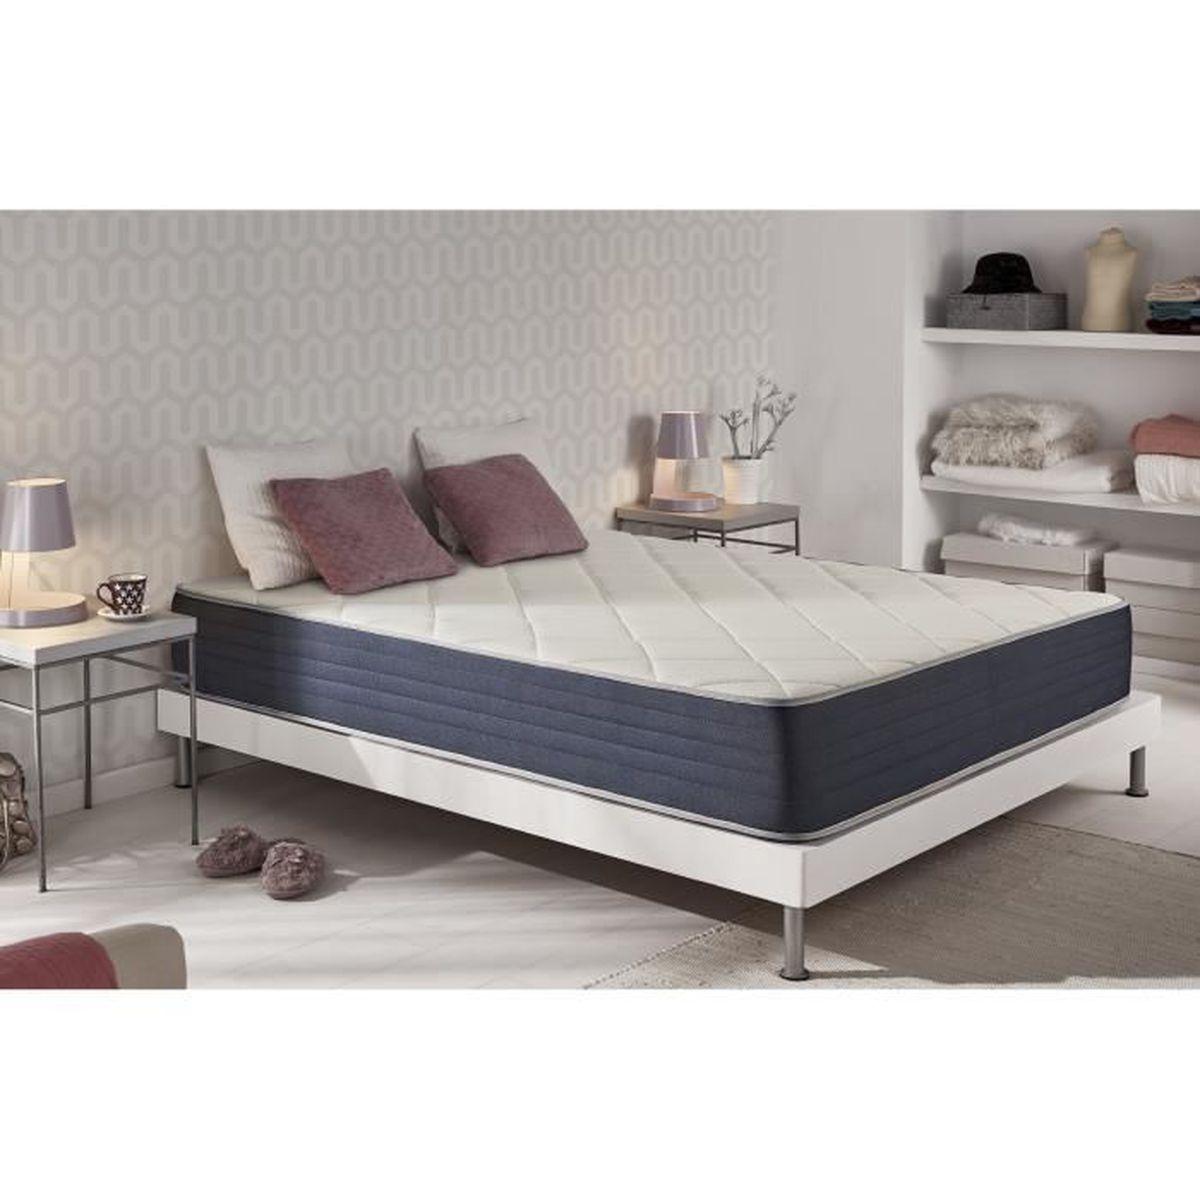 matelas 80x190 memoire de forme achat vente matelas 80x190 memoire de forme pas cher cdiscount. Black Bedroom Furniture Sets. Home Design Ideas